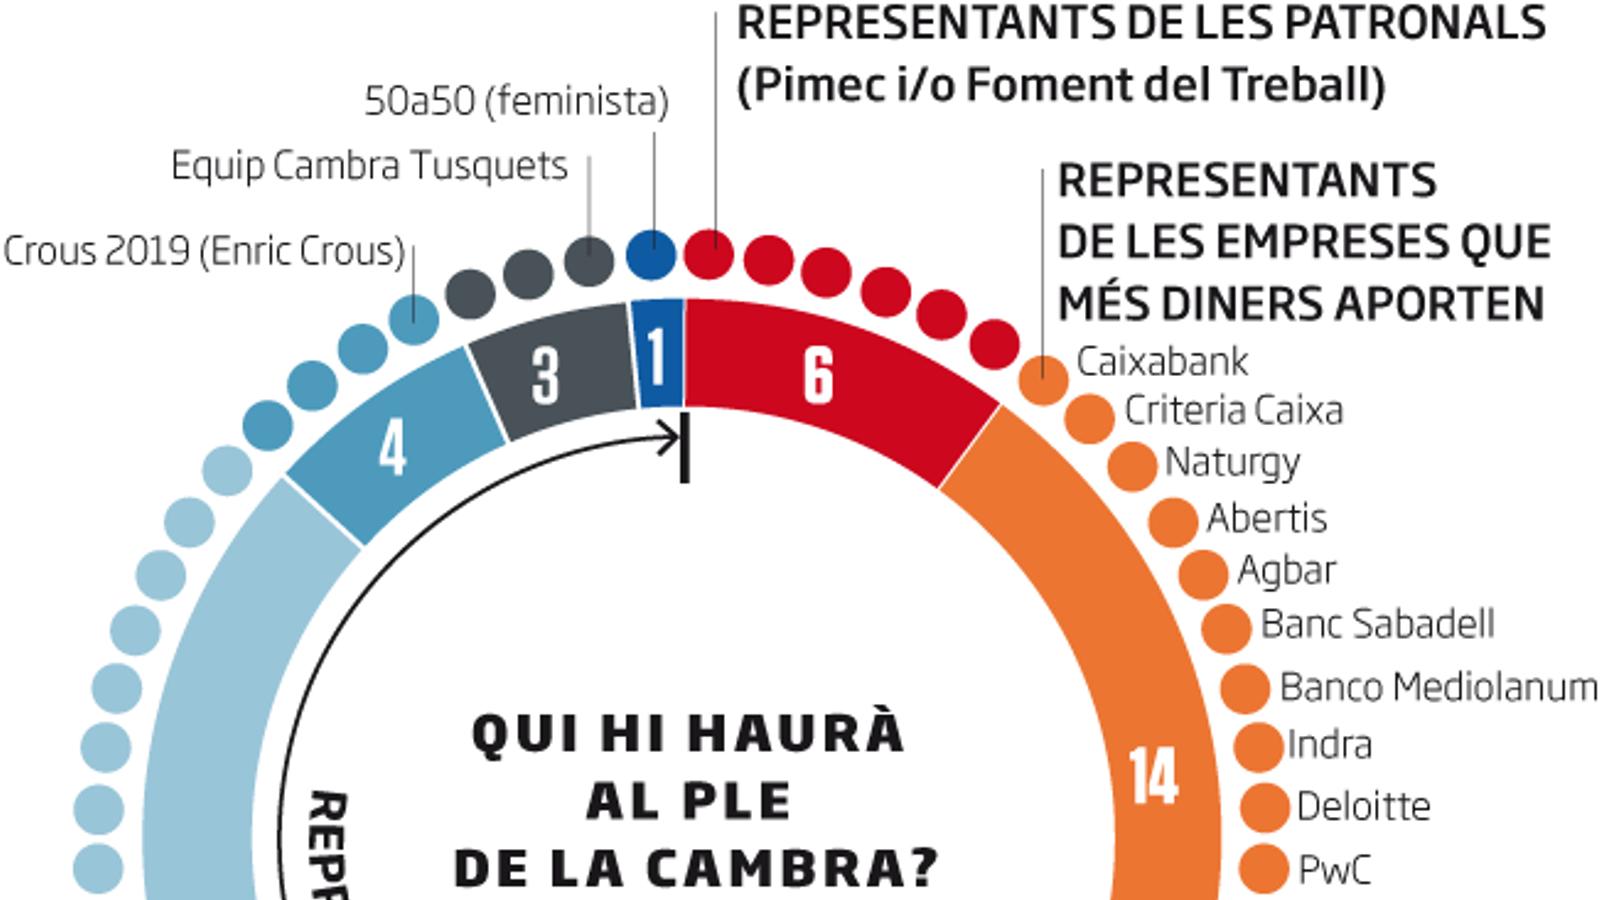 """Els guanyadors de les eleccions a la Cambra: """"Segurament anirem modulant el discurs"""""""